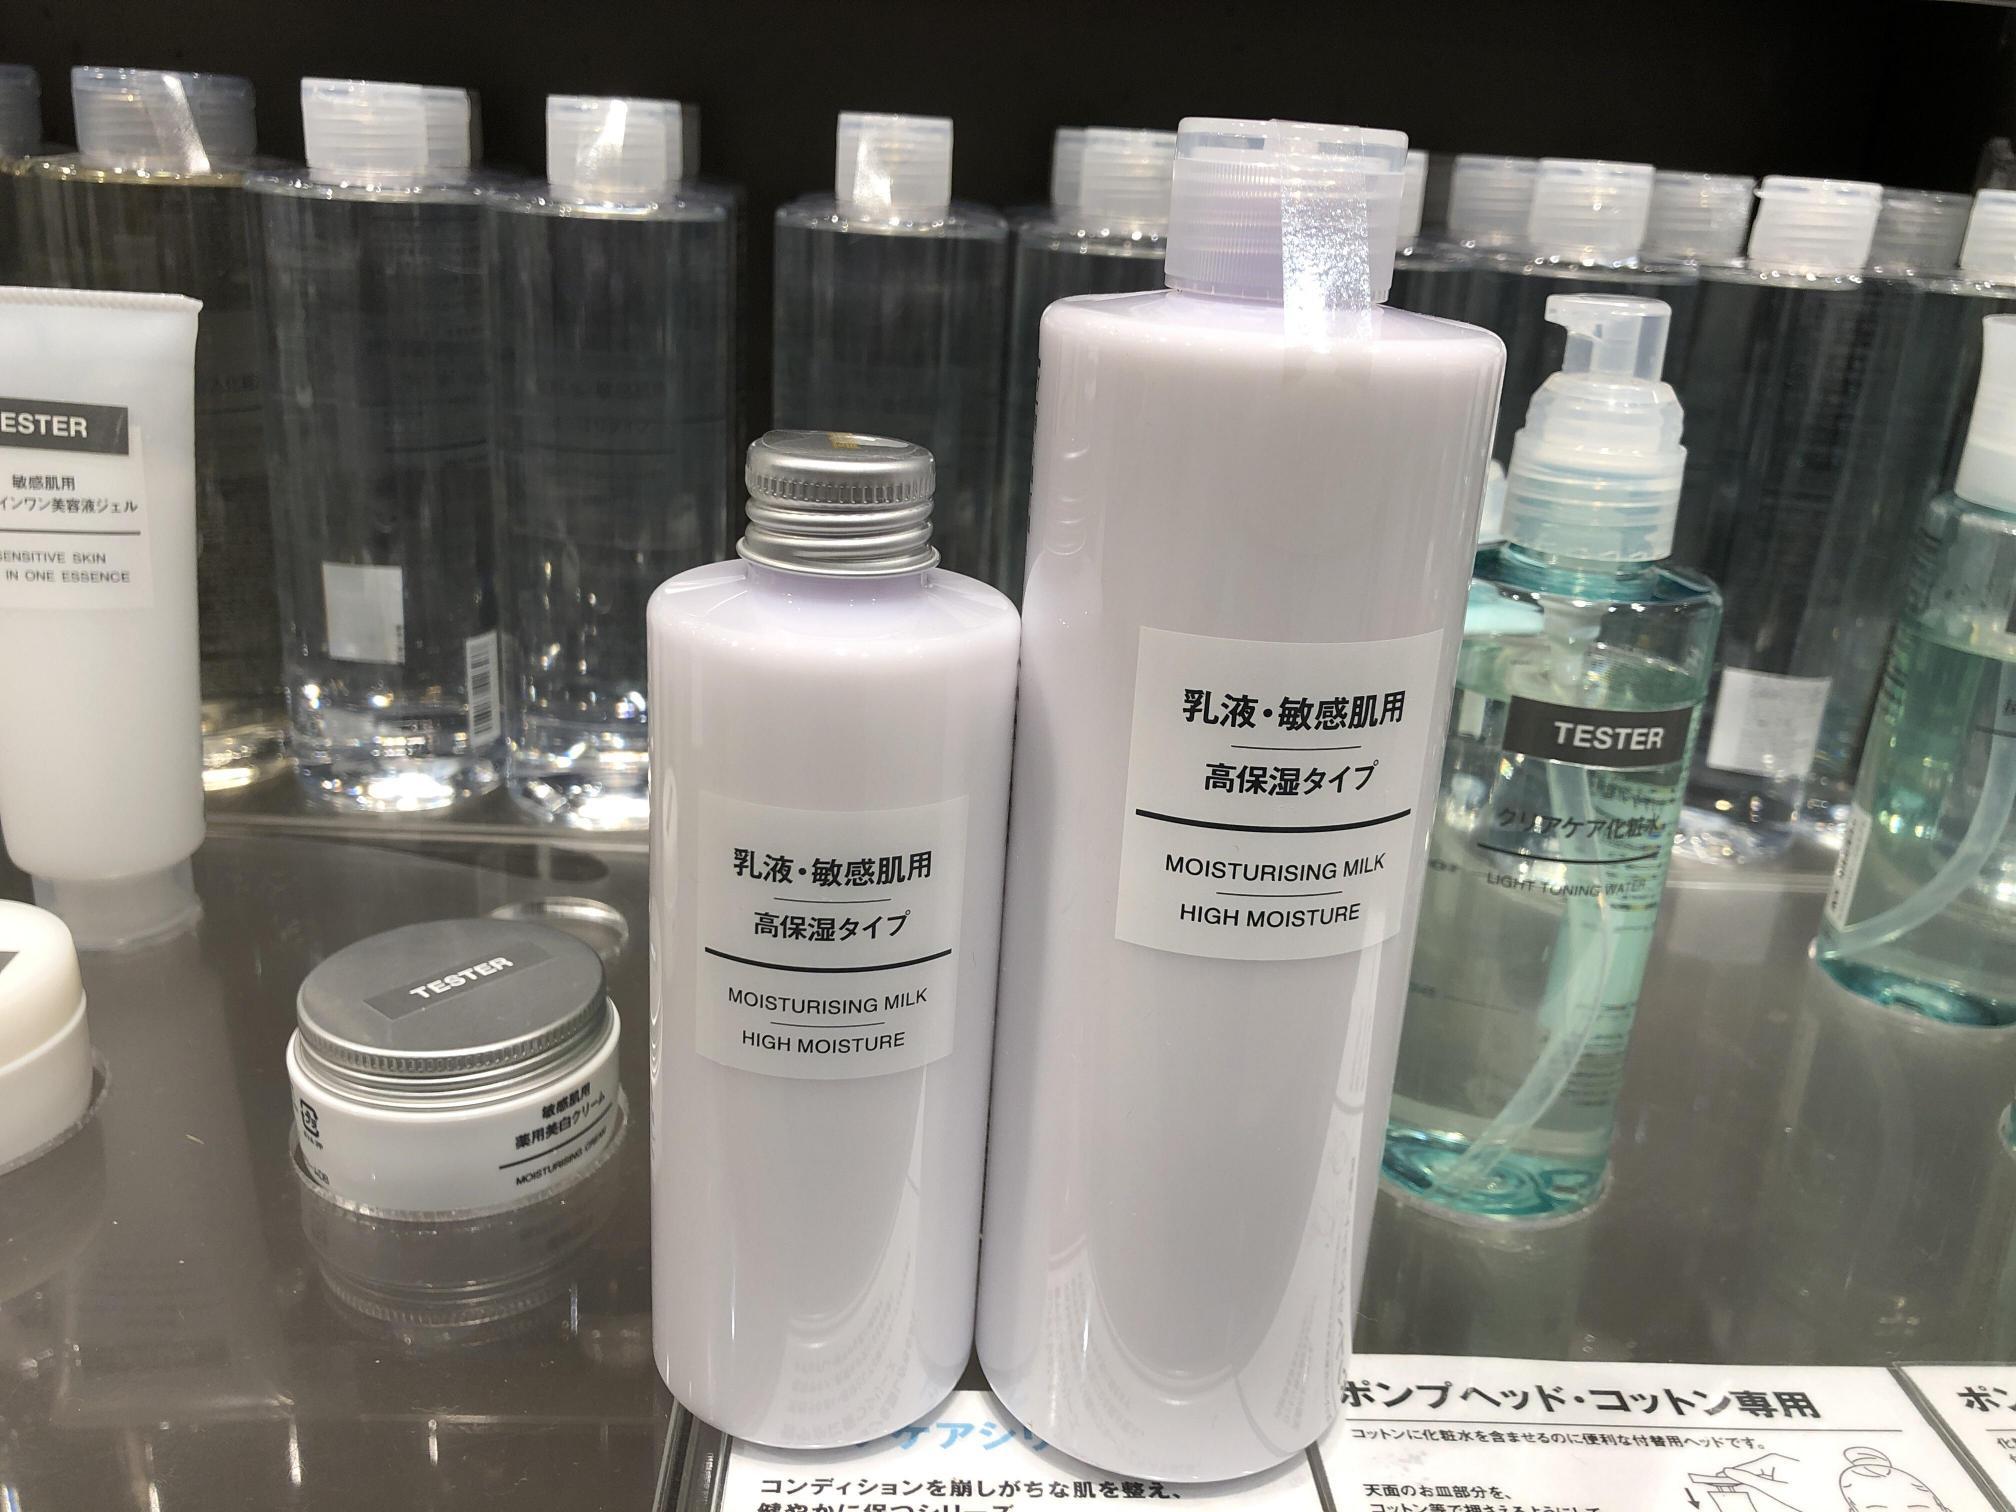 代购:无印良品 高保湿敏感肌用乳液